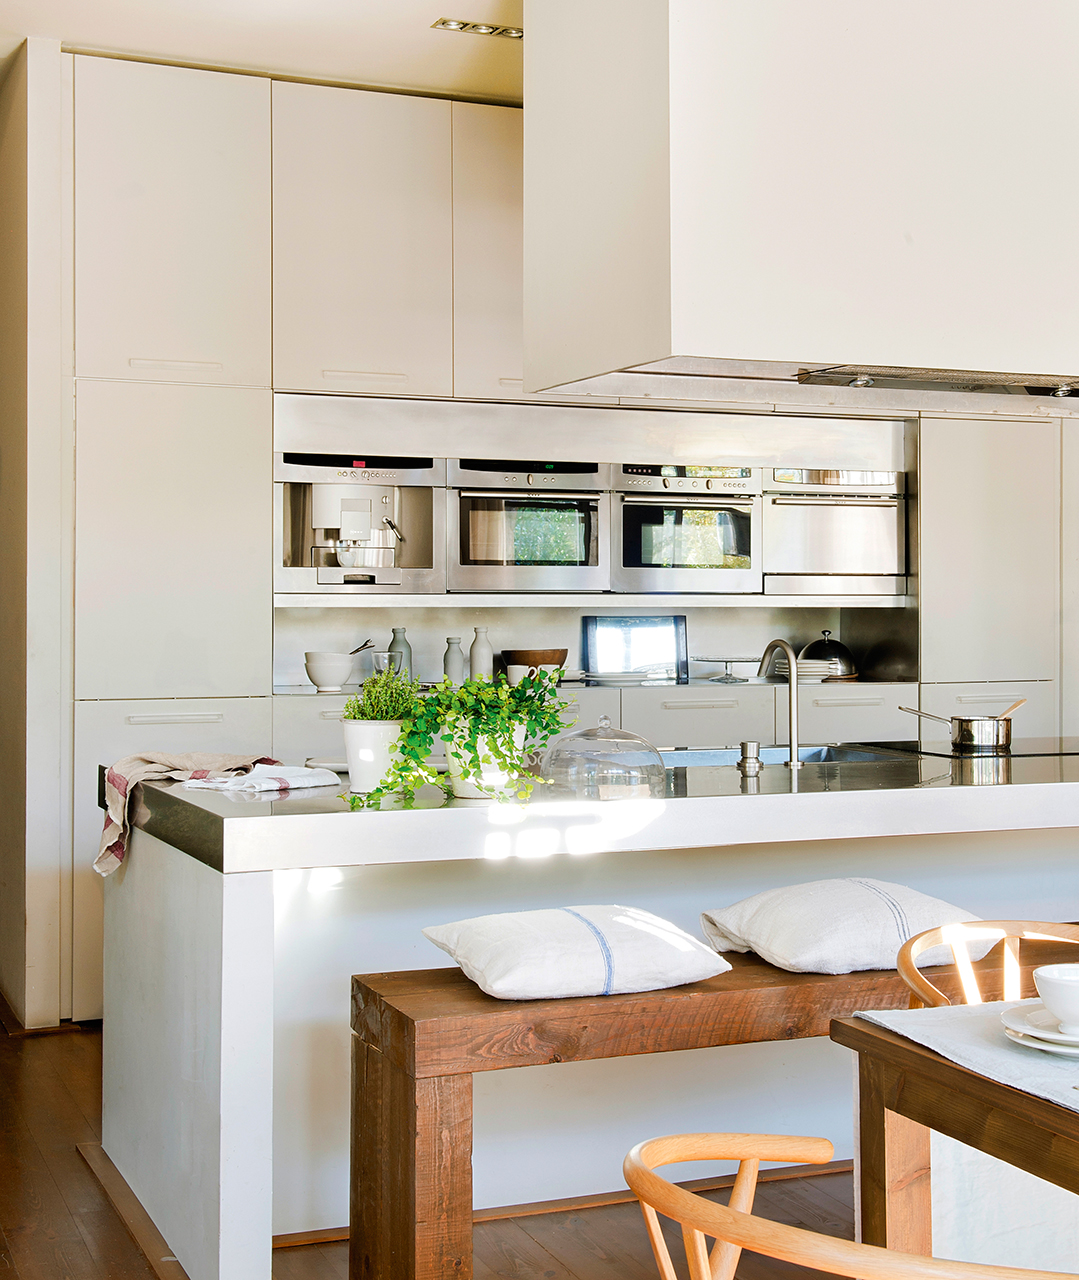 Claves para abrir la cocina al comedor o el sal n y ganar for Decorar cocina comedor juntos